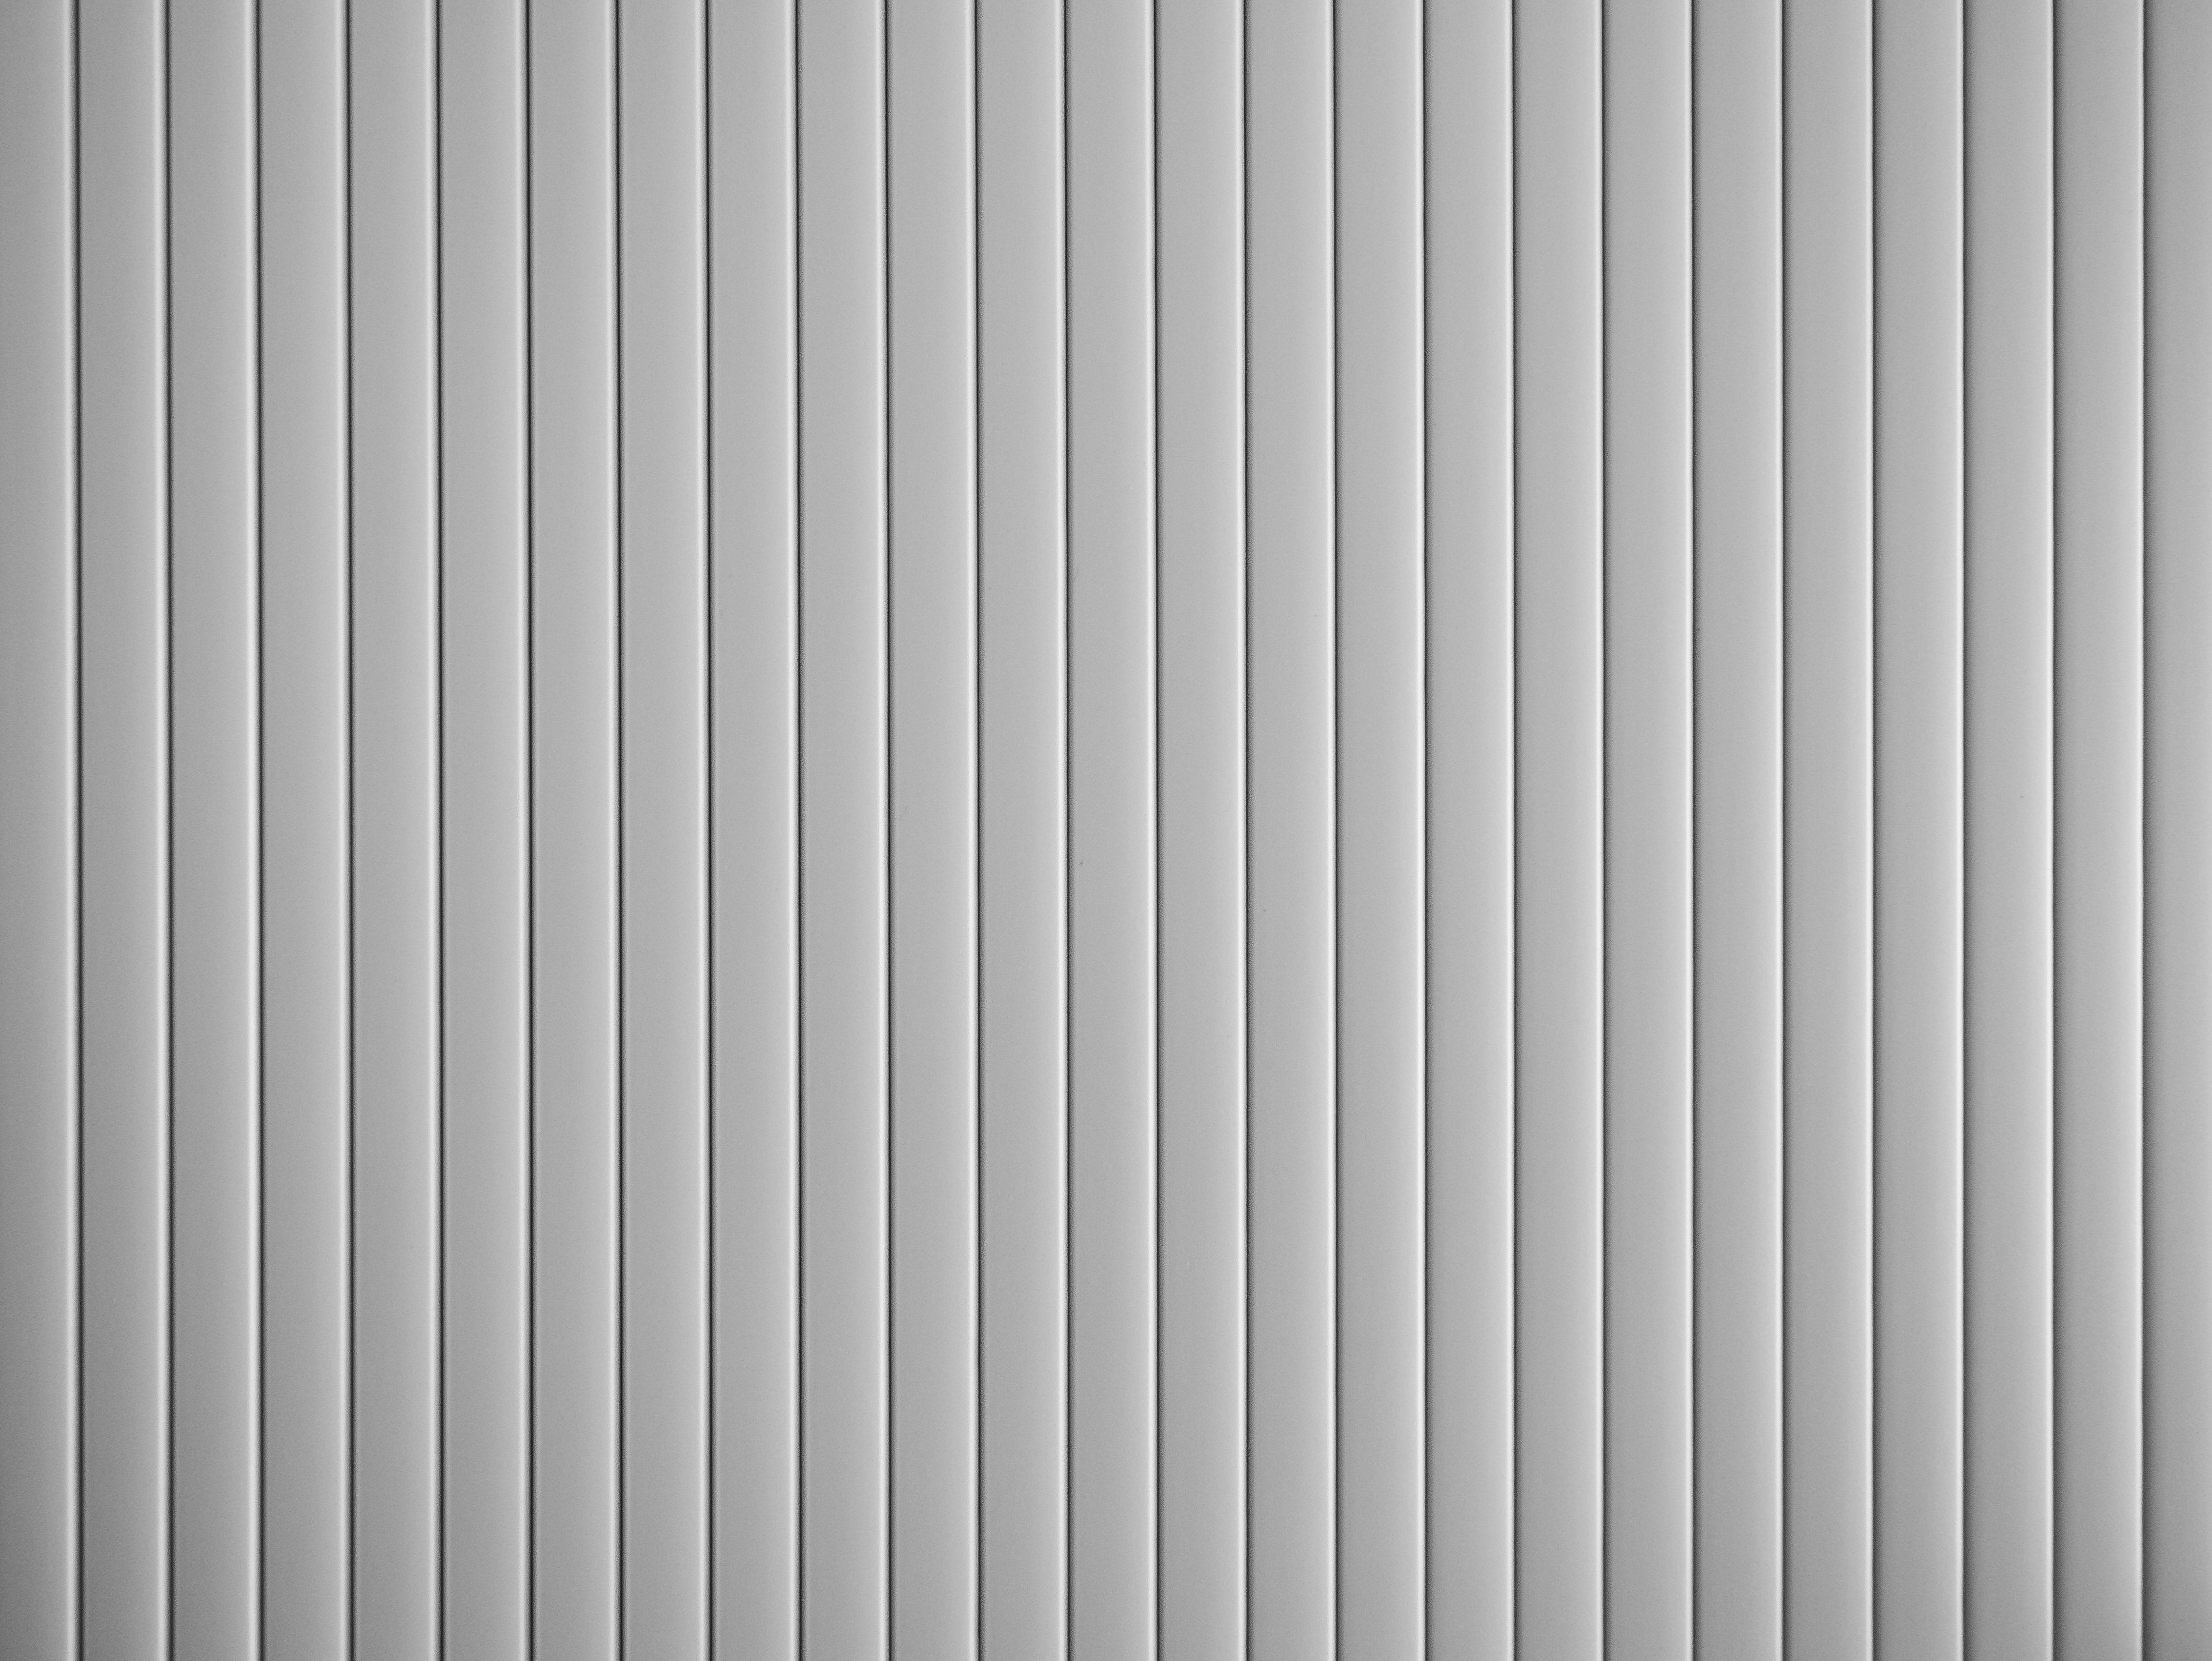 Kostenloses Foto Zum Thema Aluminium Eisen Gewellt